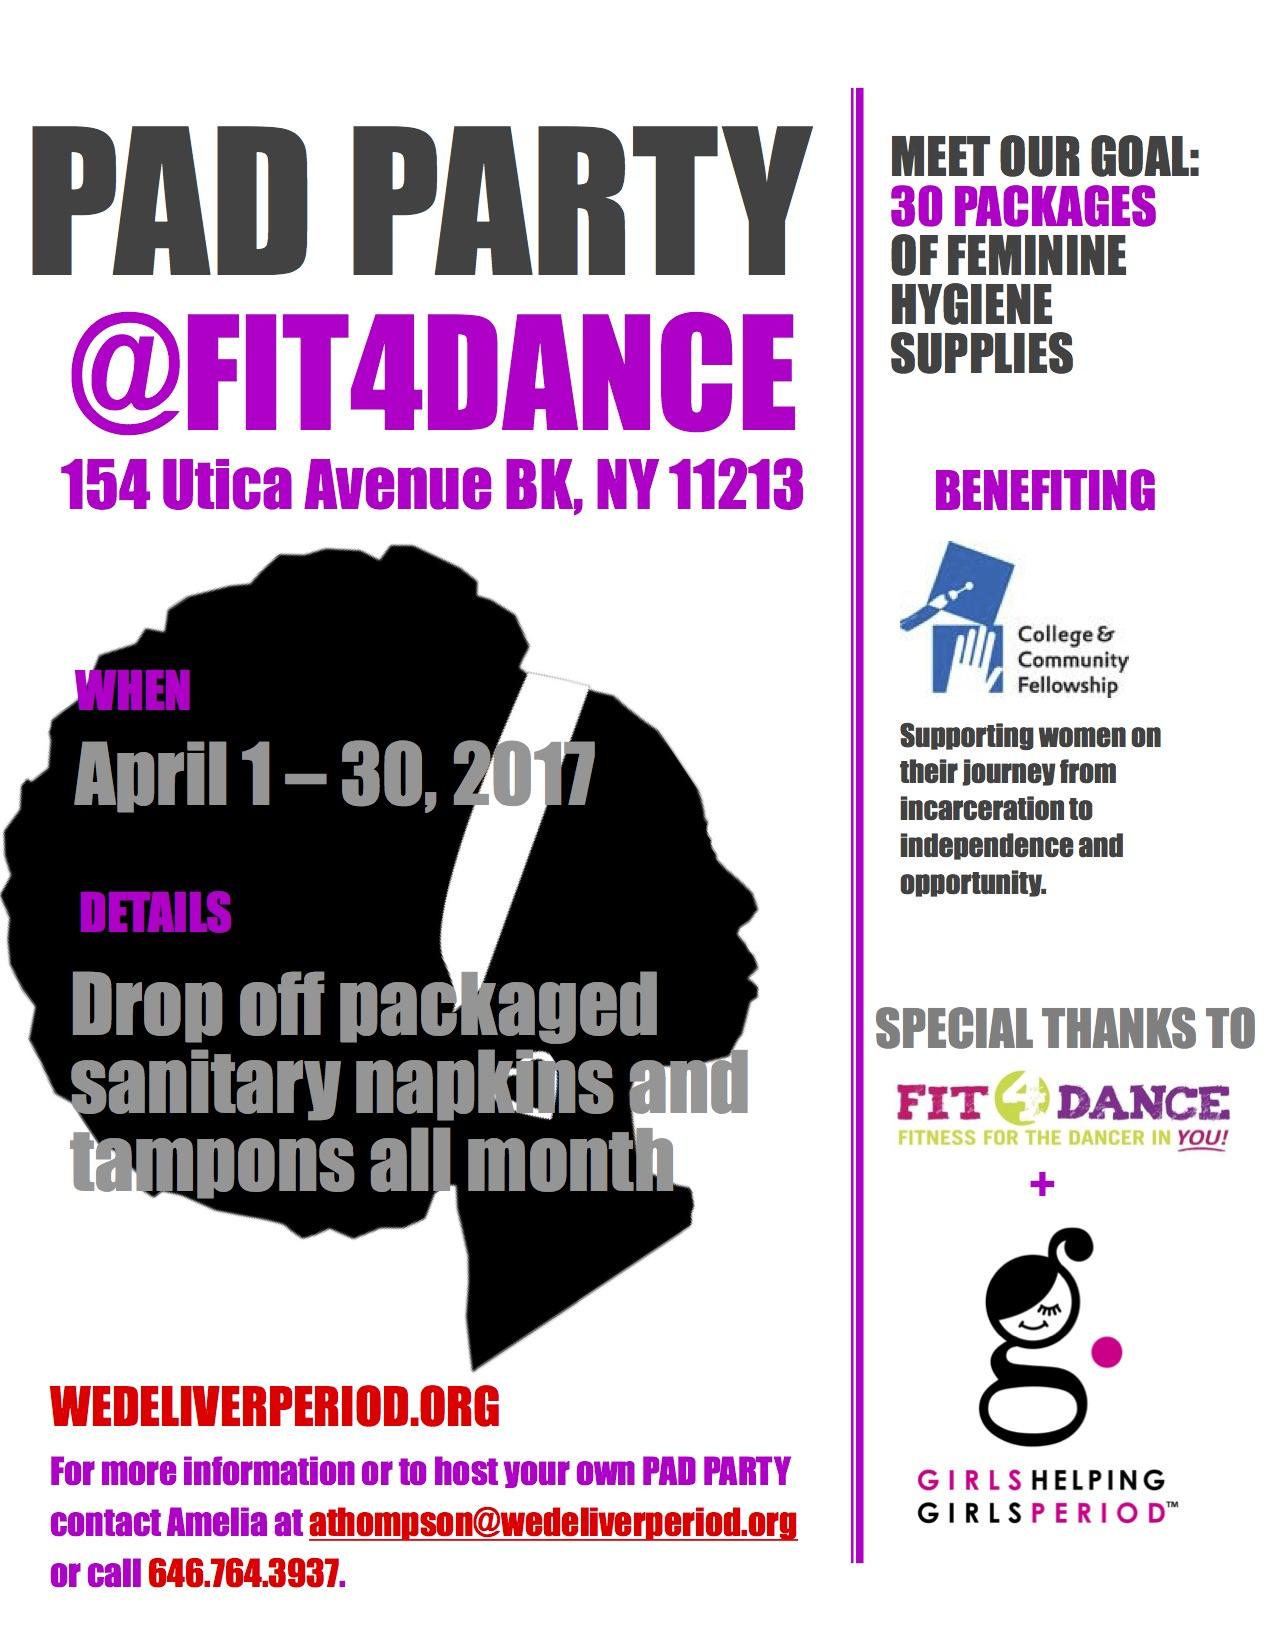 Pad Party Flyer April2017_Fit4Dance.jpg